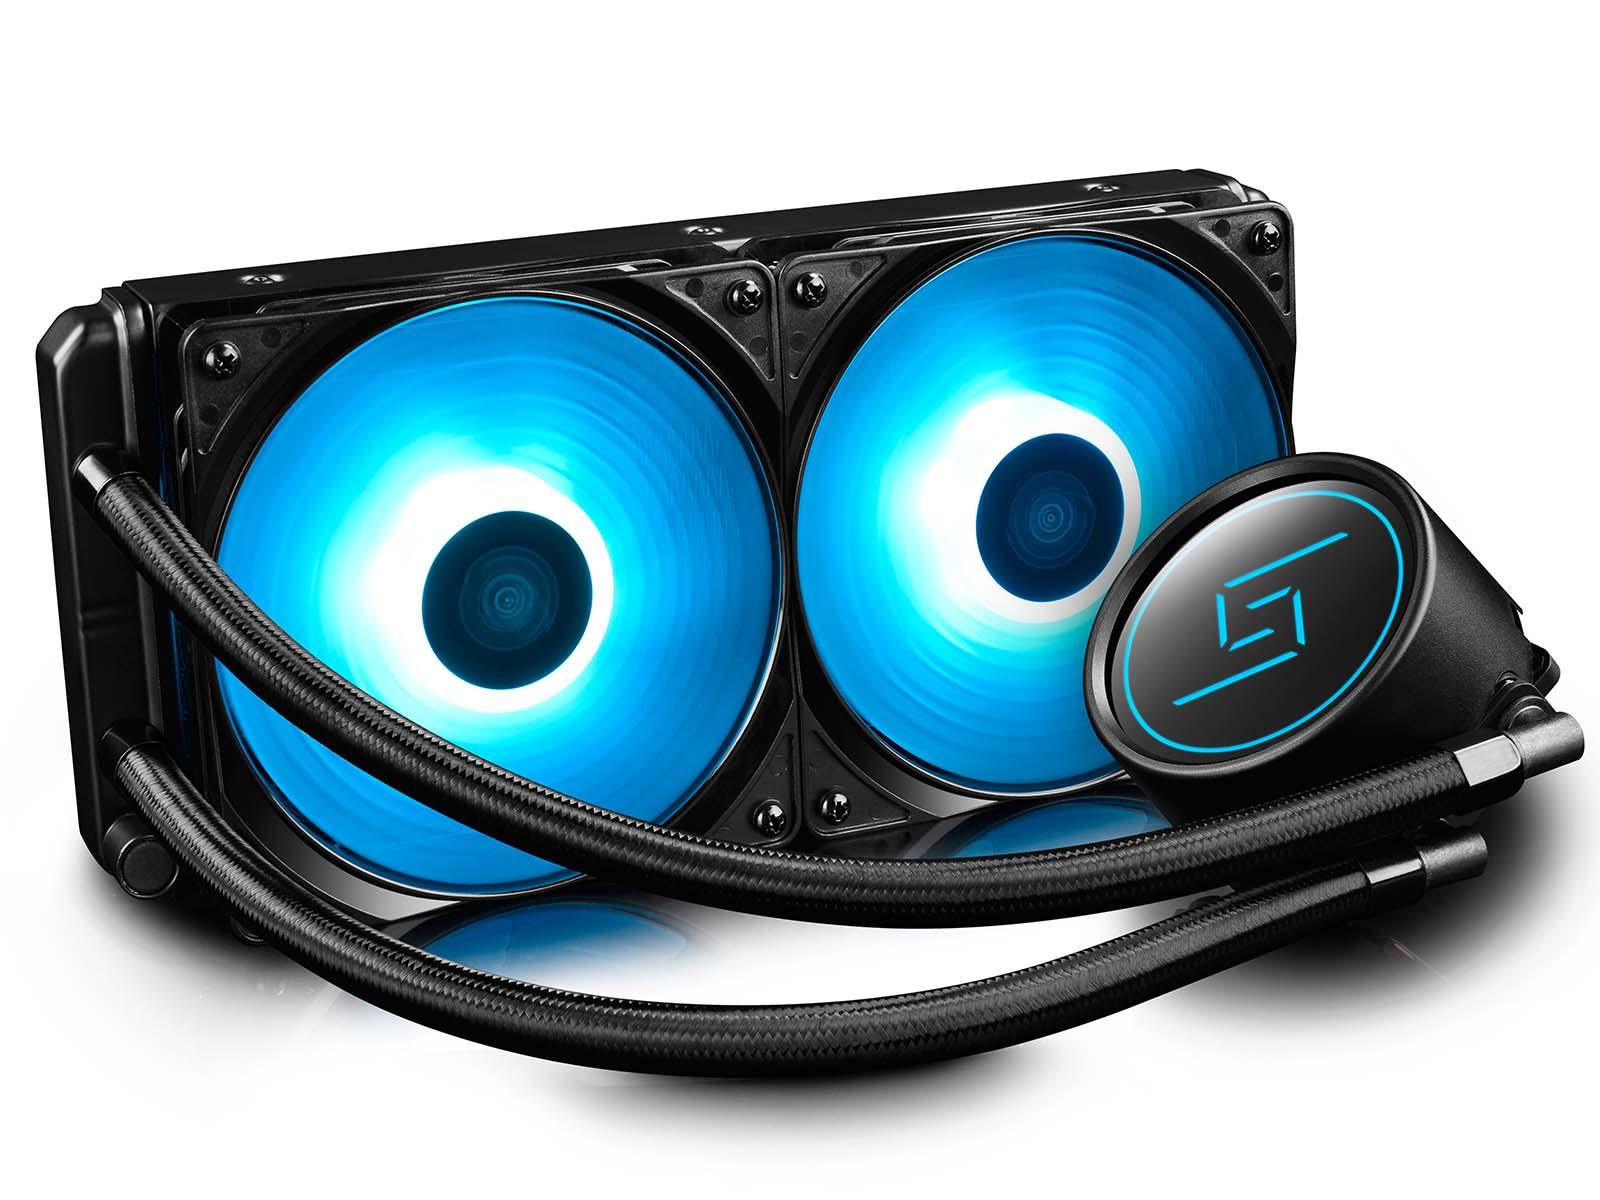 DEEPCOOL Presents Gammaxx L240 AIO Liquid CPU Cooler